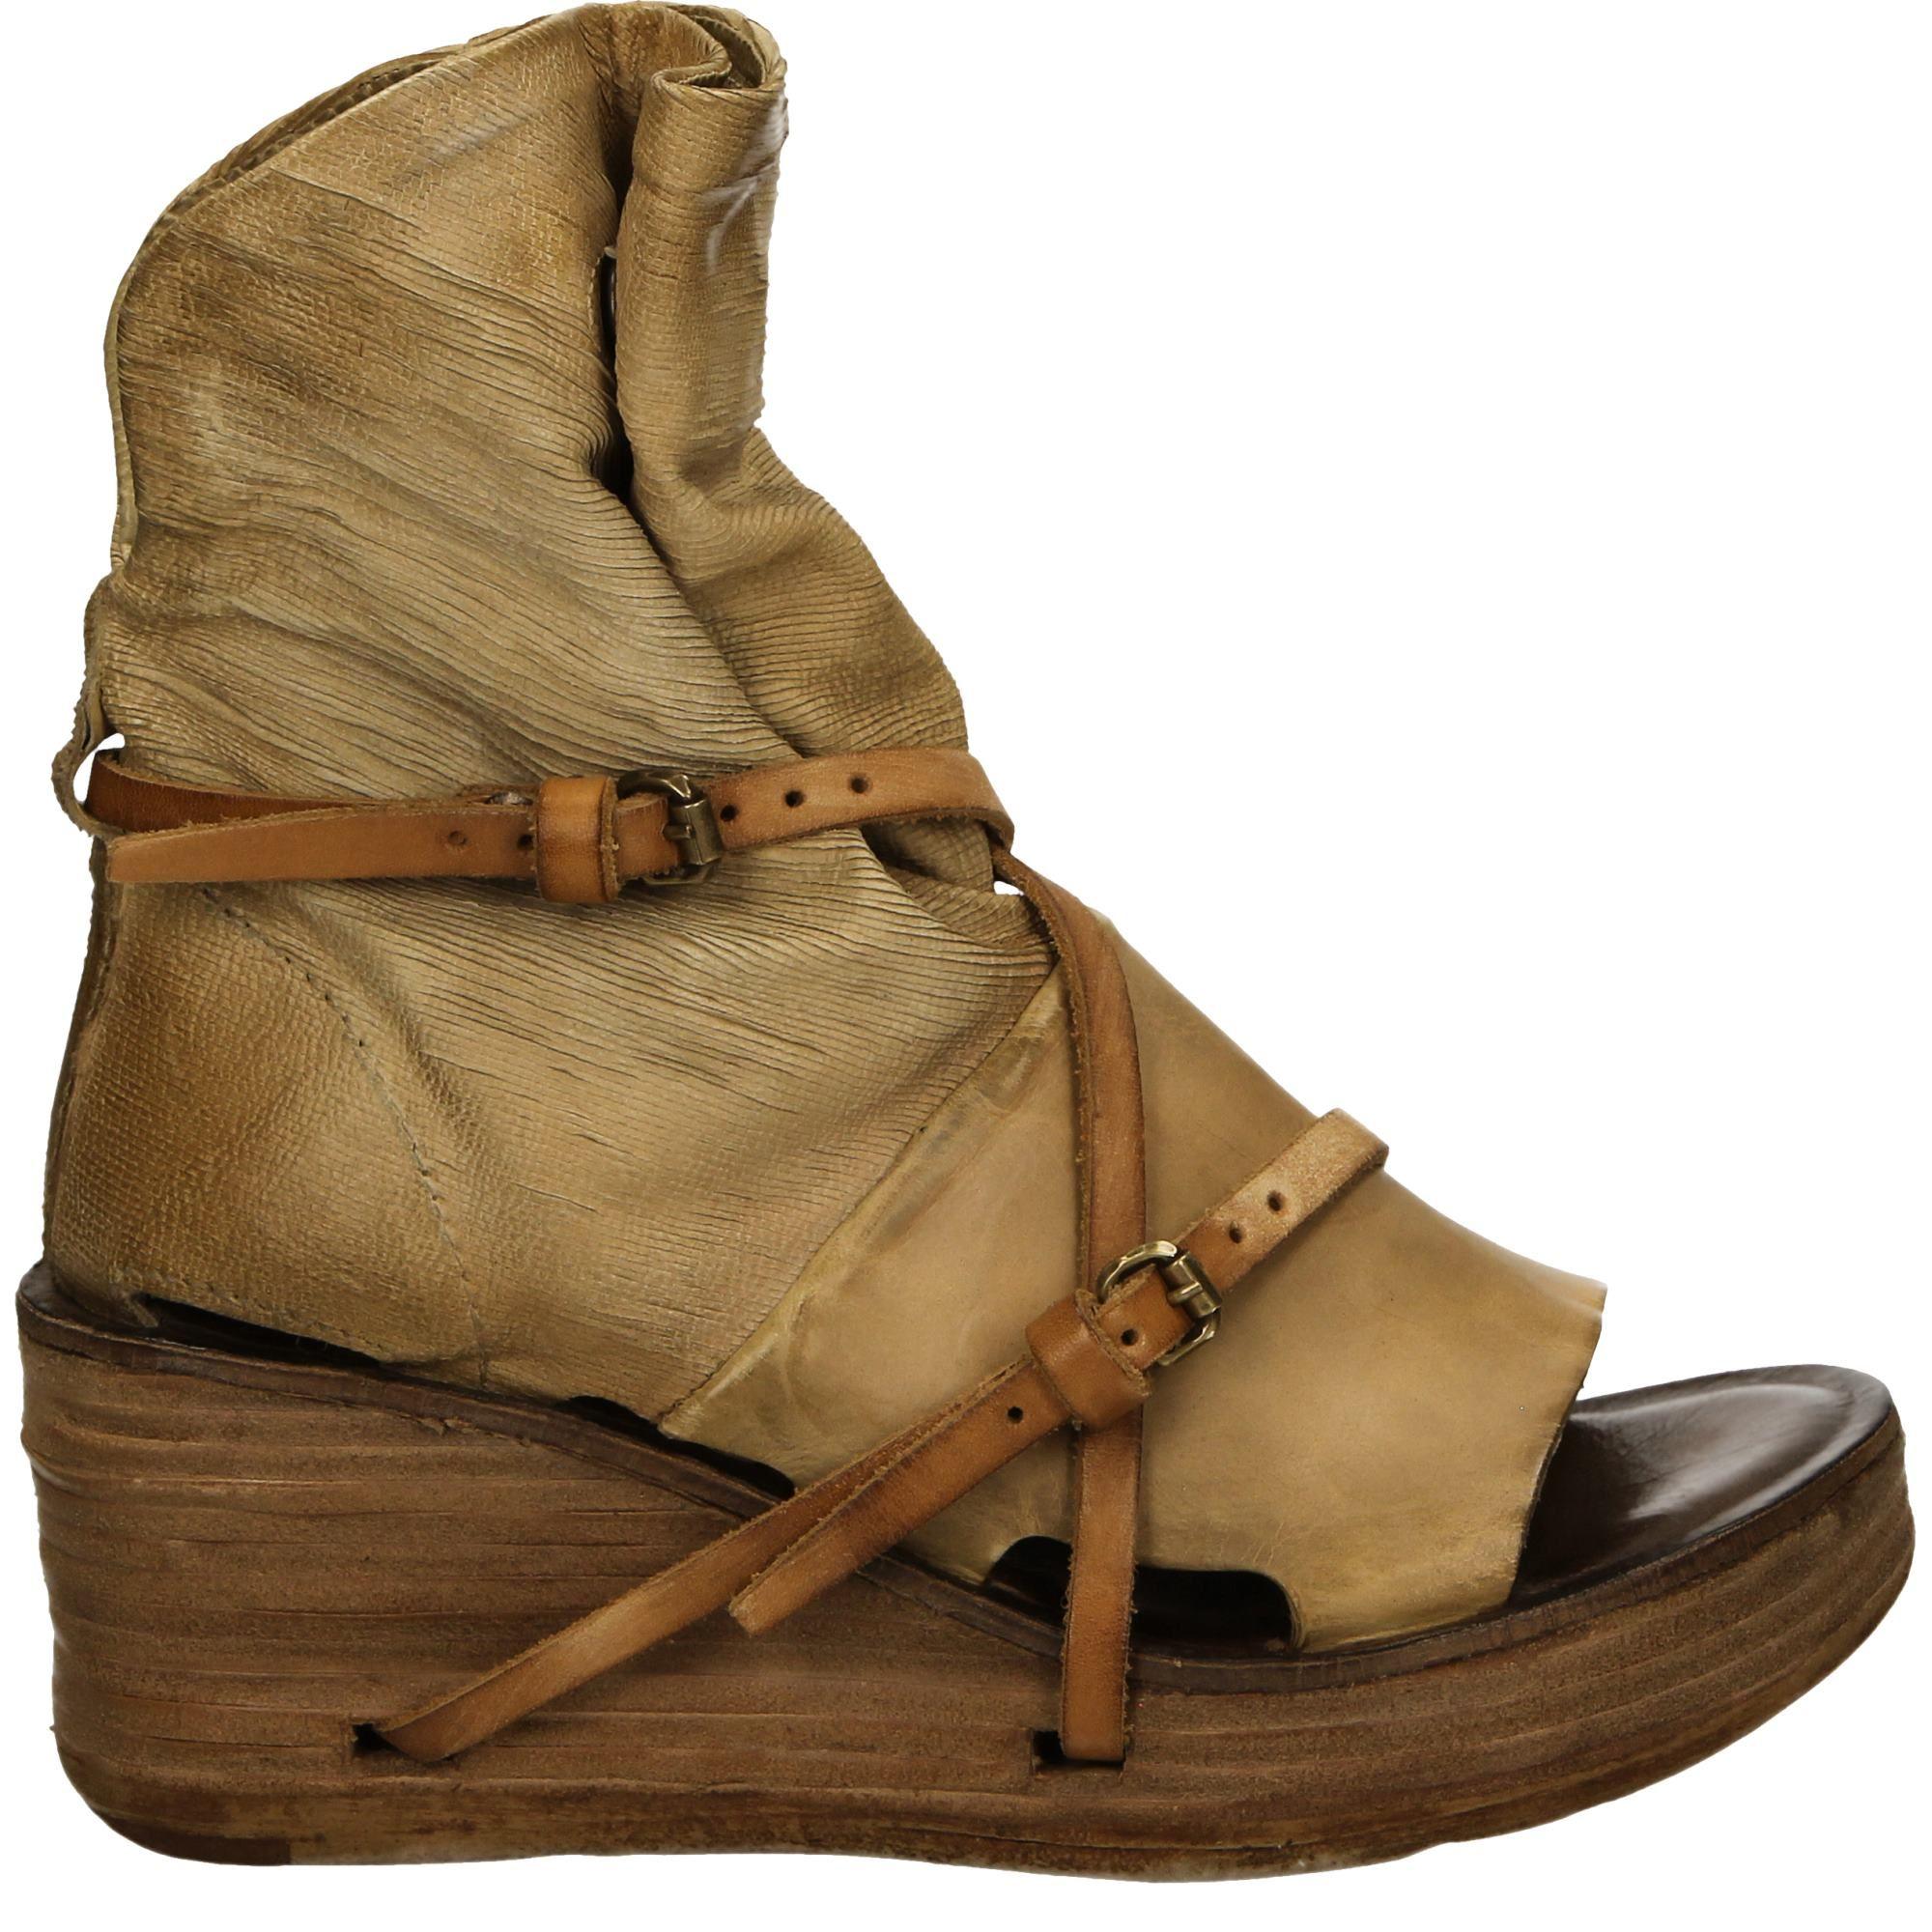 Venezia Firmowy Sklep Online Markowe Buty Online Buty Wloskie Obuwie Damskie Obuwie Meskie Torby Damskie Kurtki Damskie Linen Fashion Bags Shoes